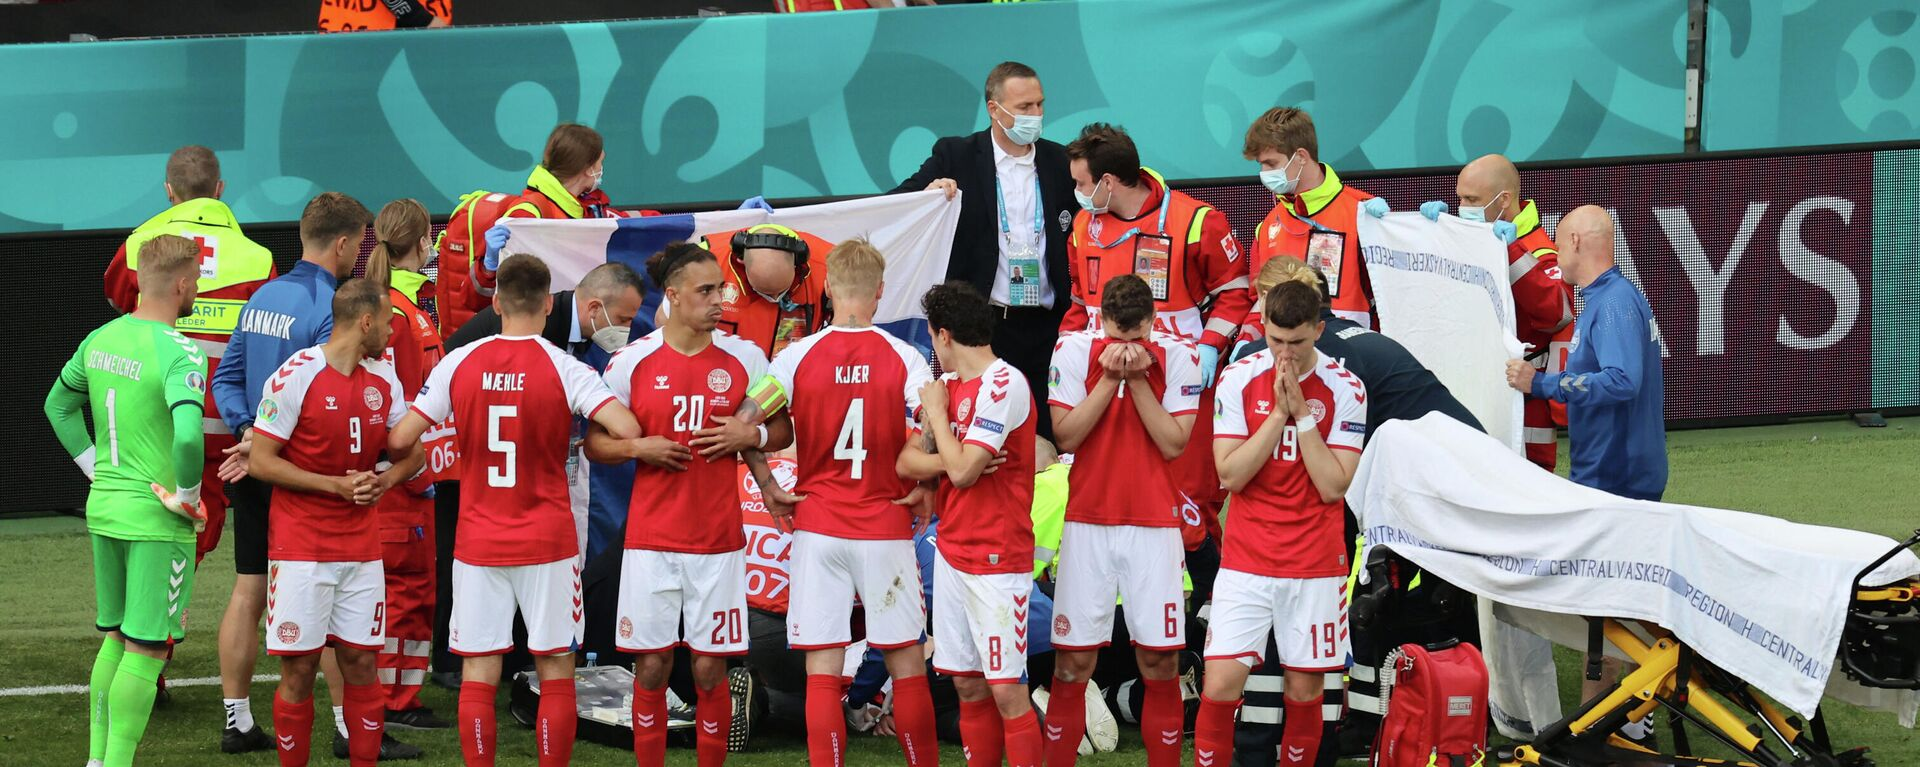 El partido entre Dinamarca y Finlandia Eurocopa 2020 - Sputnik Mundo, 1920, 12.06.2021